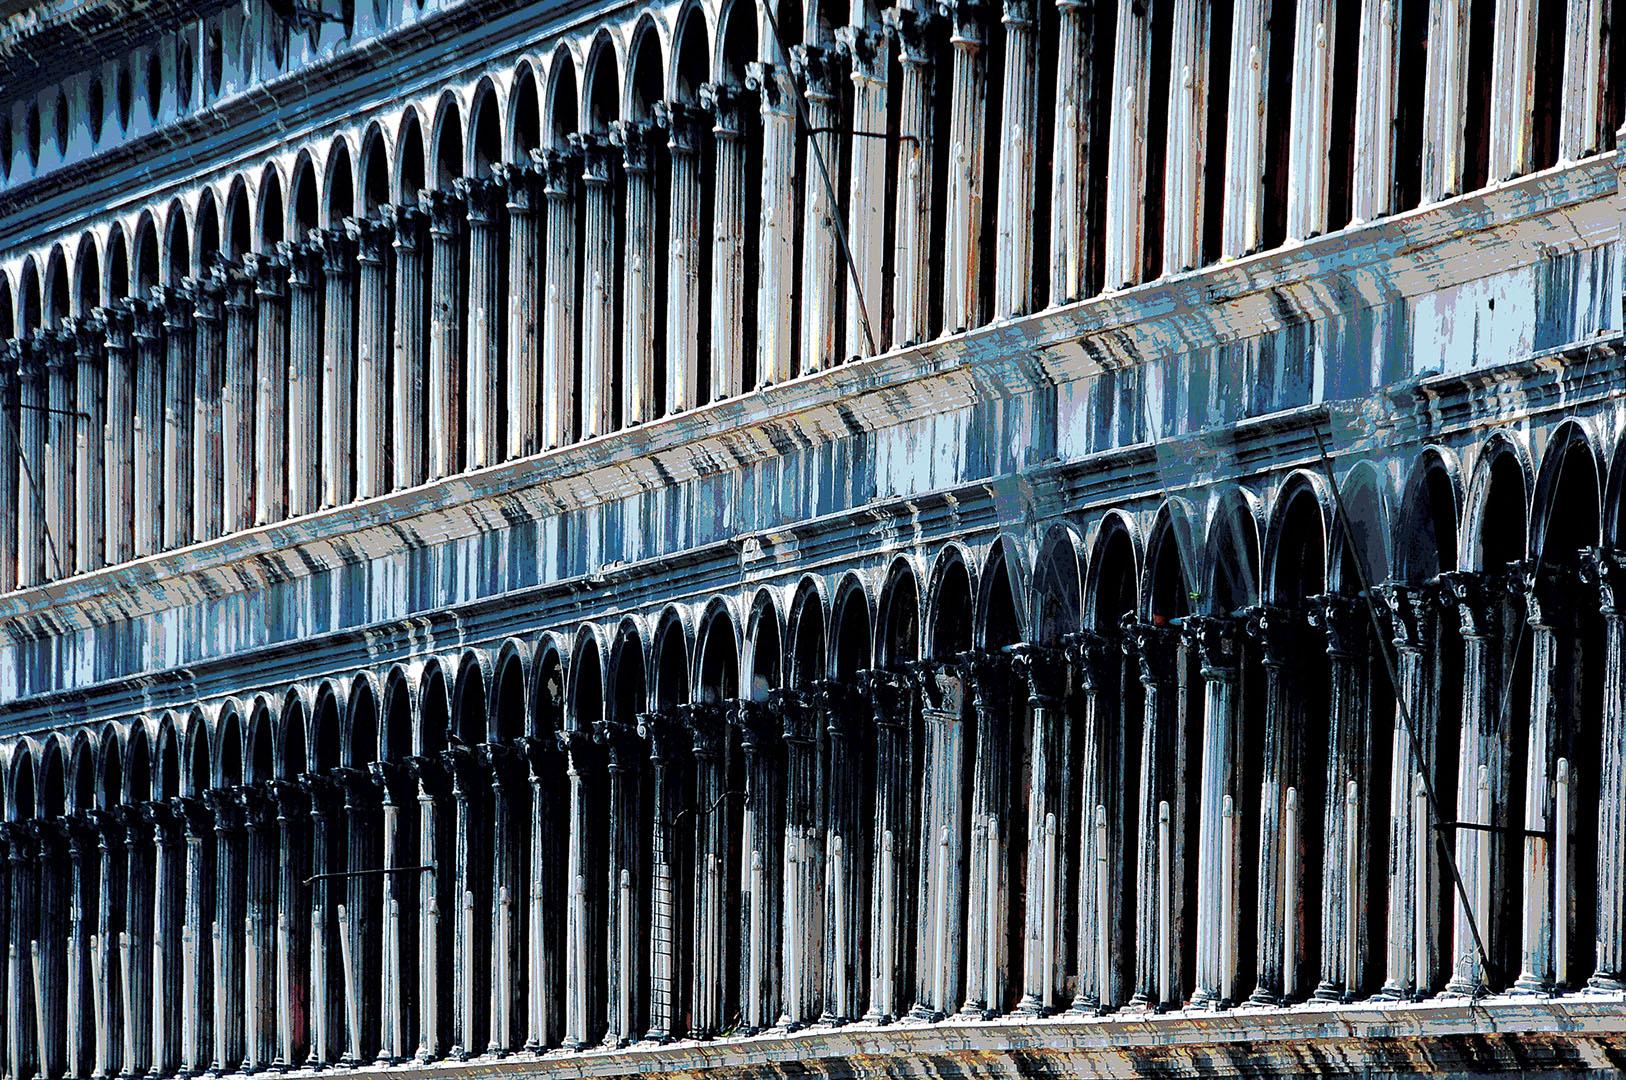 Venezia_117_I09.2-16